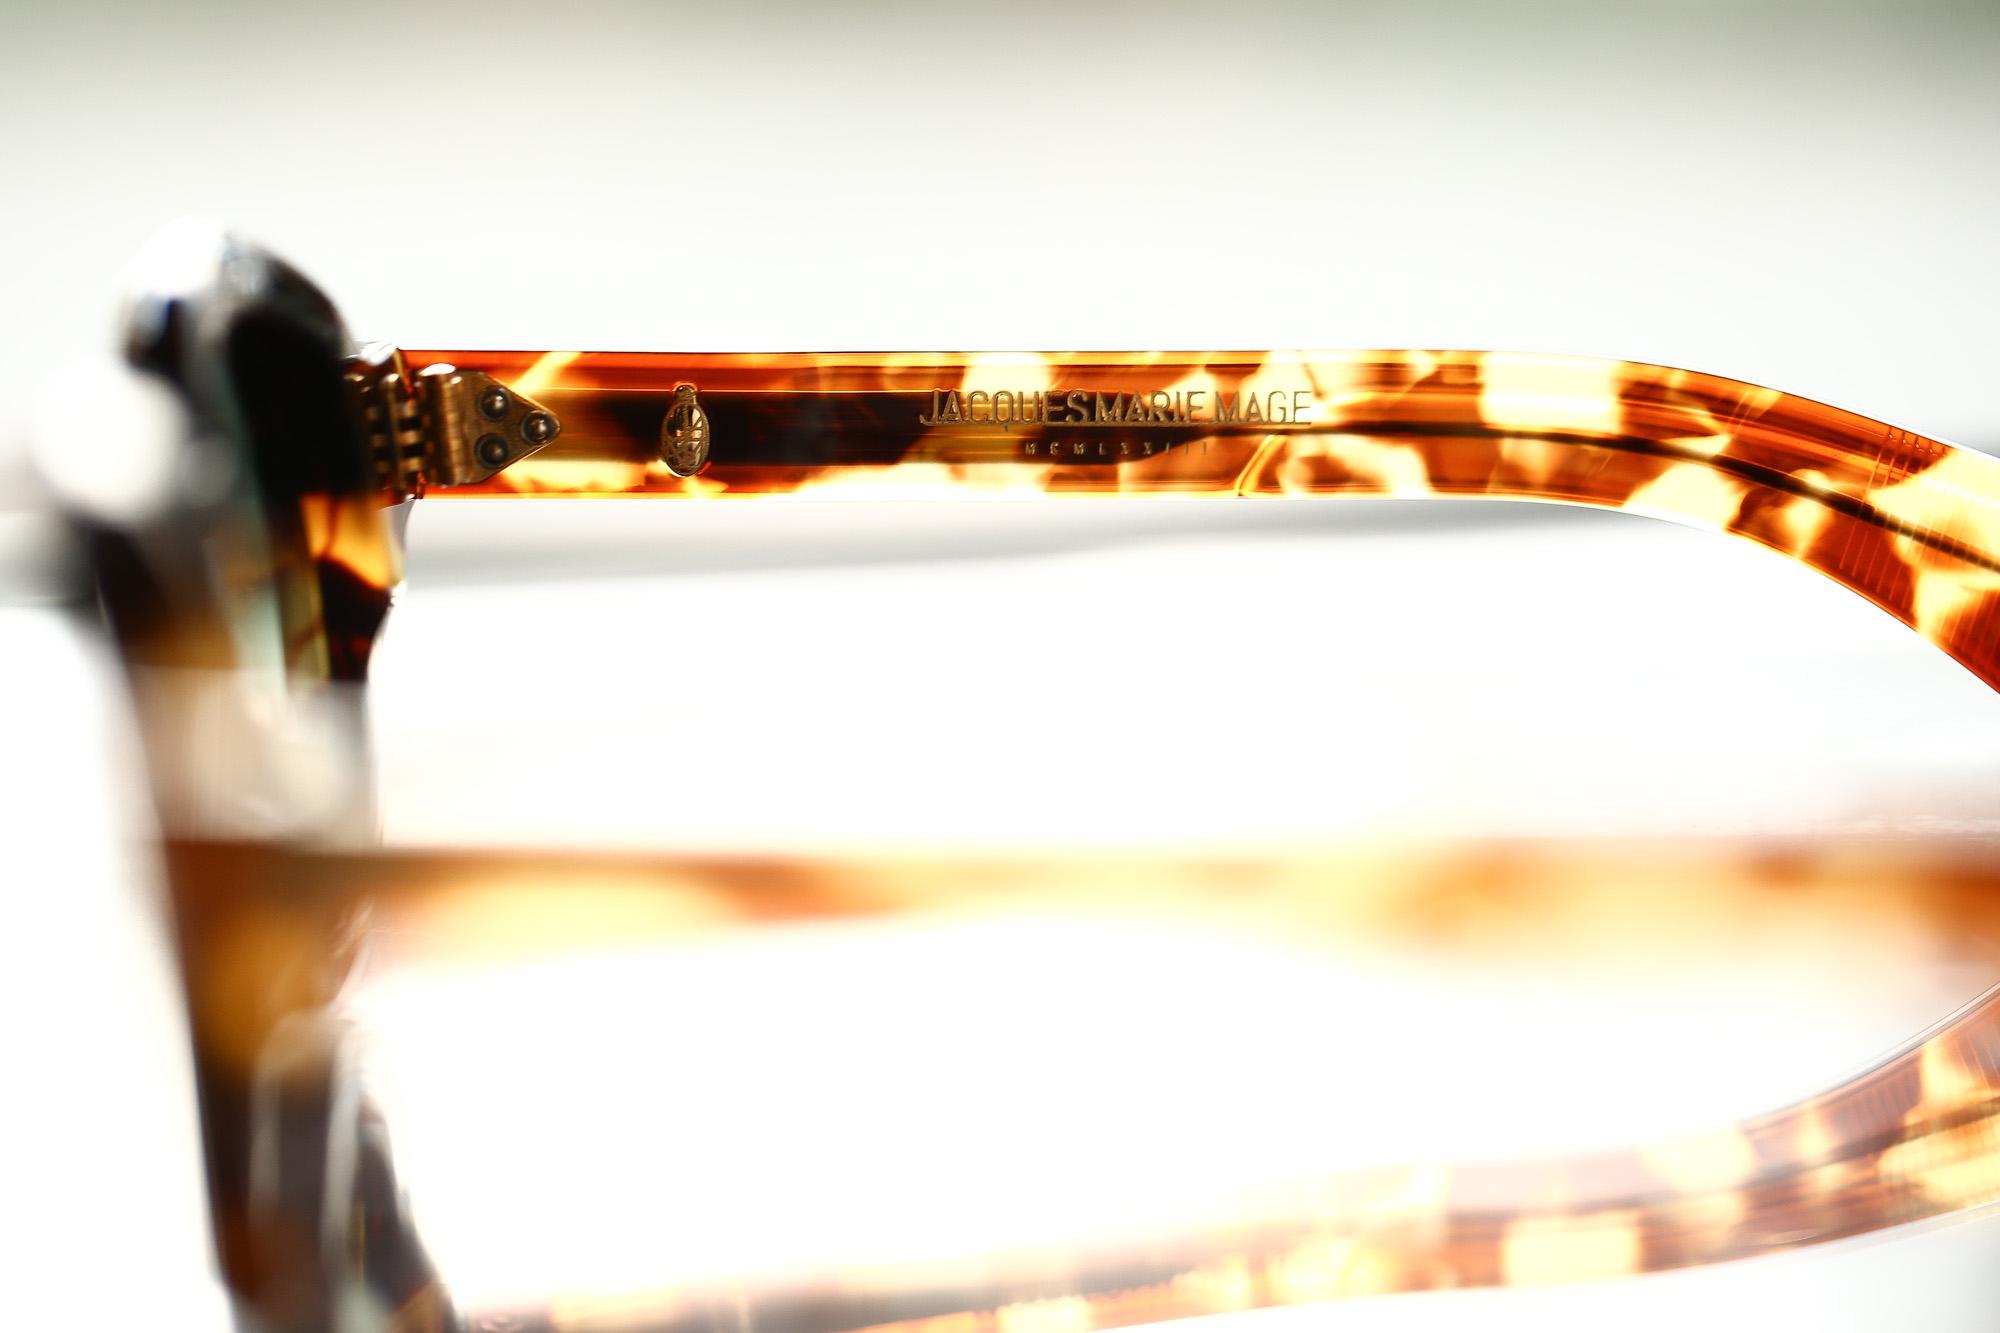 JACQUESMARIEMAGE(ジャックマリーマージュ) 【STENDHAL / スタンダール】 18K GOLD 18k ゴールドパーツ ラウンド型 アイウェア サングラス CUBA(キューバ) HANDCRAFTED IN JAPAN(日本製) 2017 秋冬 【Re Arrival / 再入荷】 jacquesmariemage 愛知 名古屋 ZODIAC ゾディアック